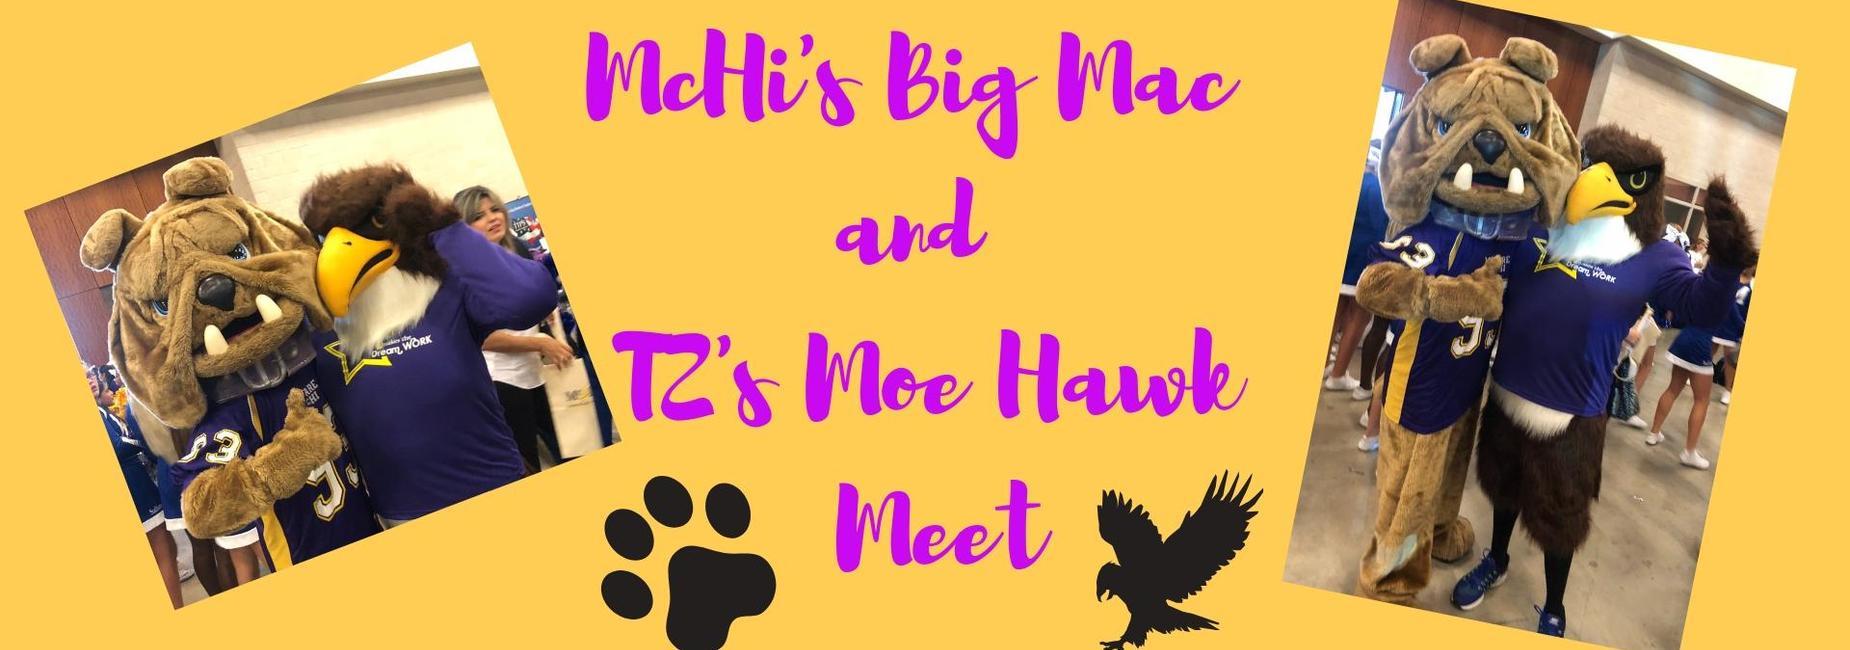 Big Mac and Moe Hawk